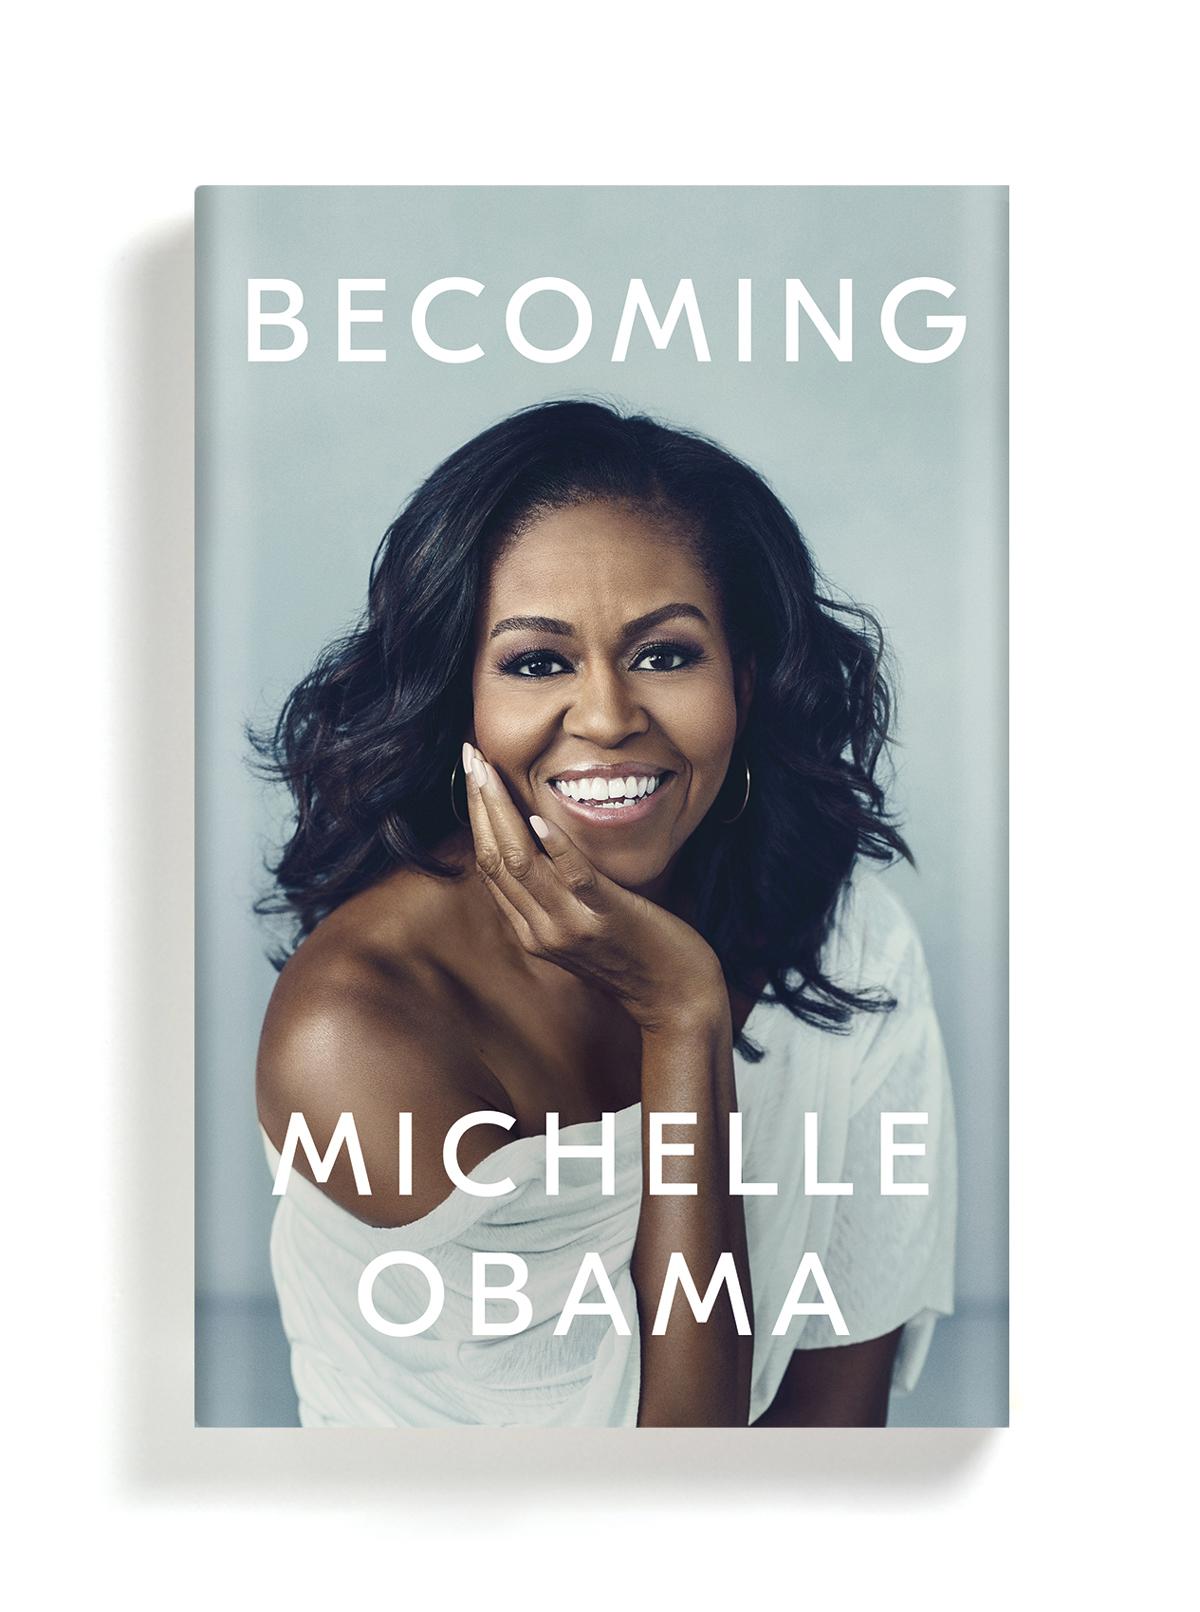 le prochain livre de michelle obama. Credit photo: becomingmichelleobama.com